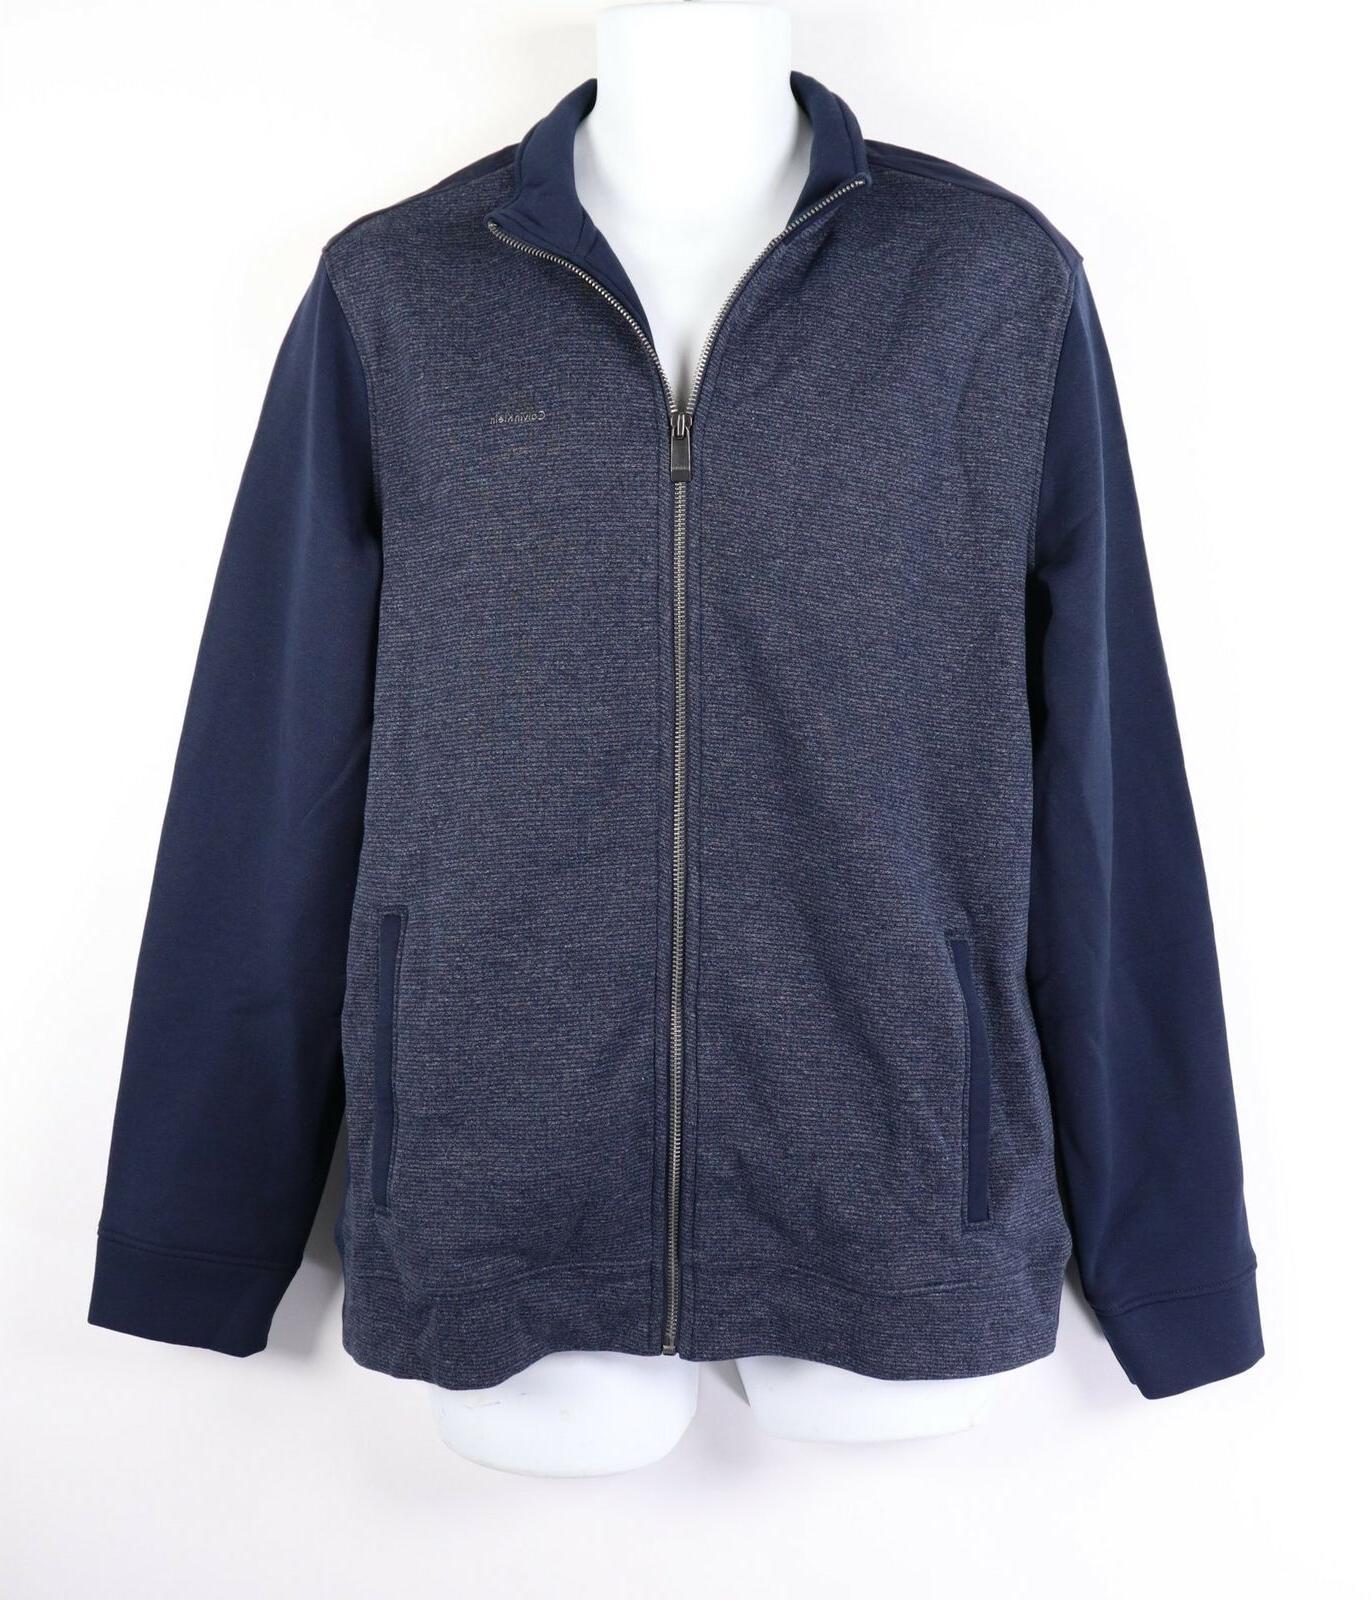 New Klein Jacket Navy Blue